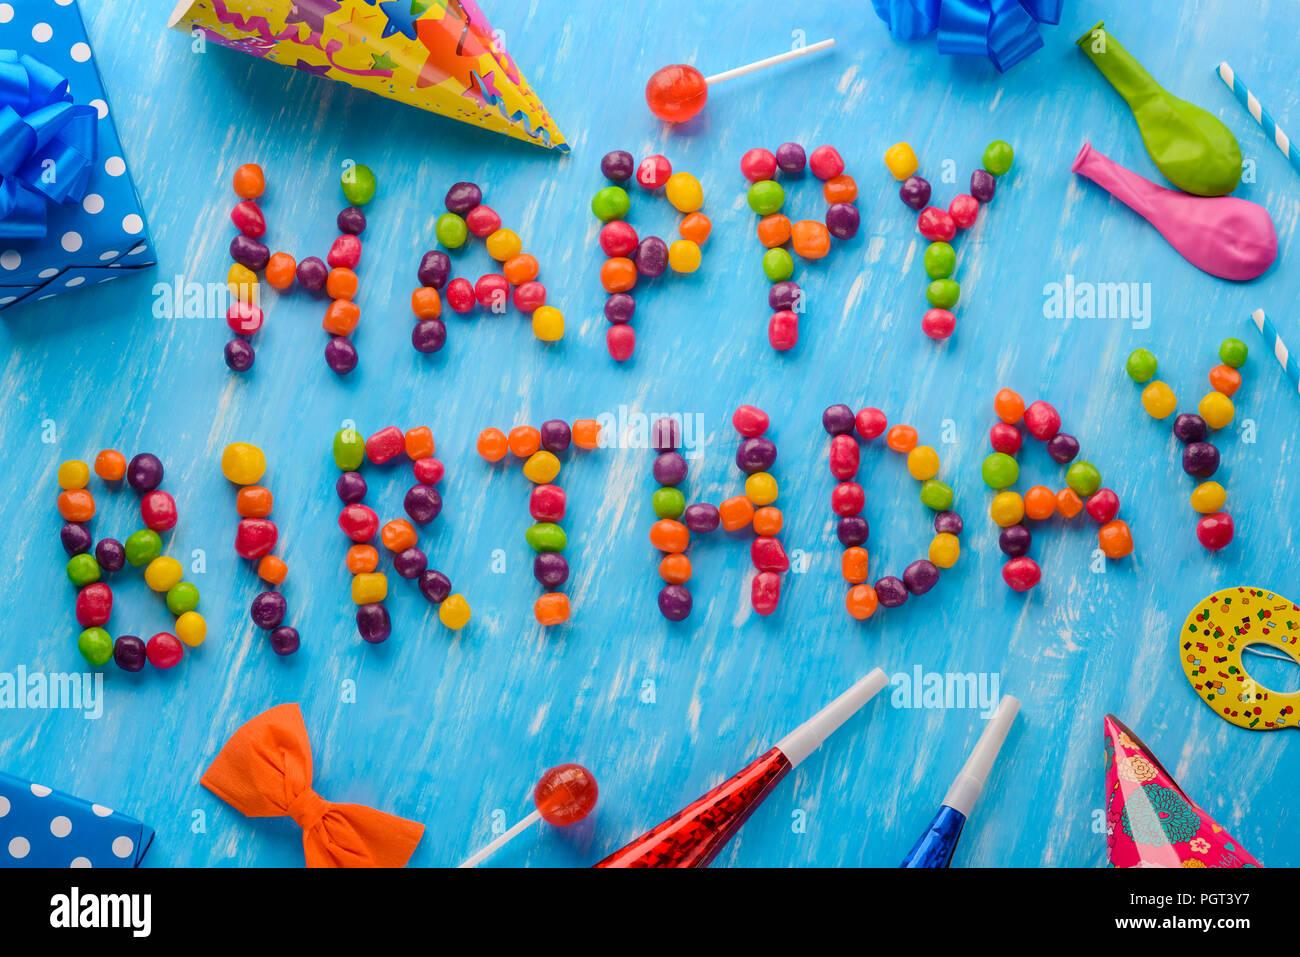 Buon compleanno segno, creatività Immagini Stock